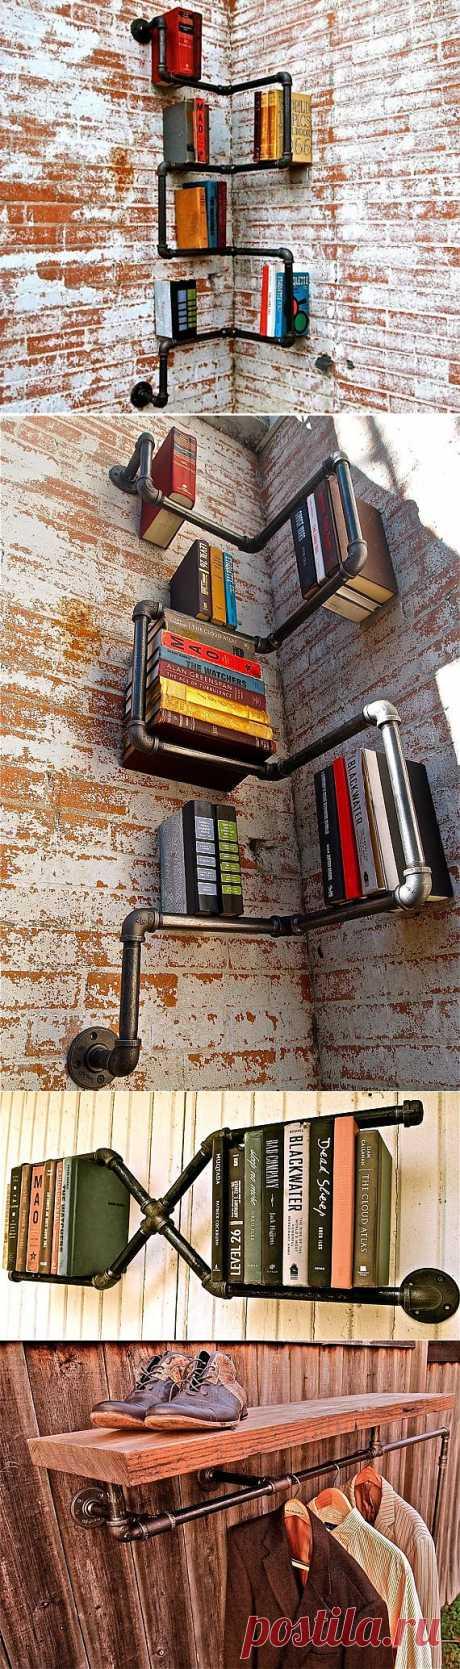 Креативные полки для книг / Книги в интерьере / Модный сайт о стильной переделке одежды и интерьера